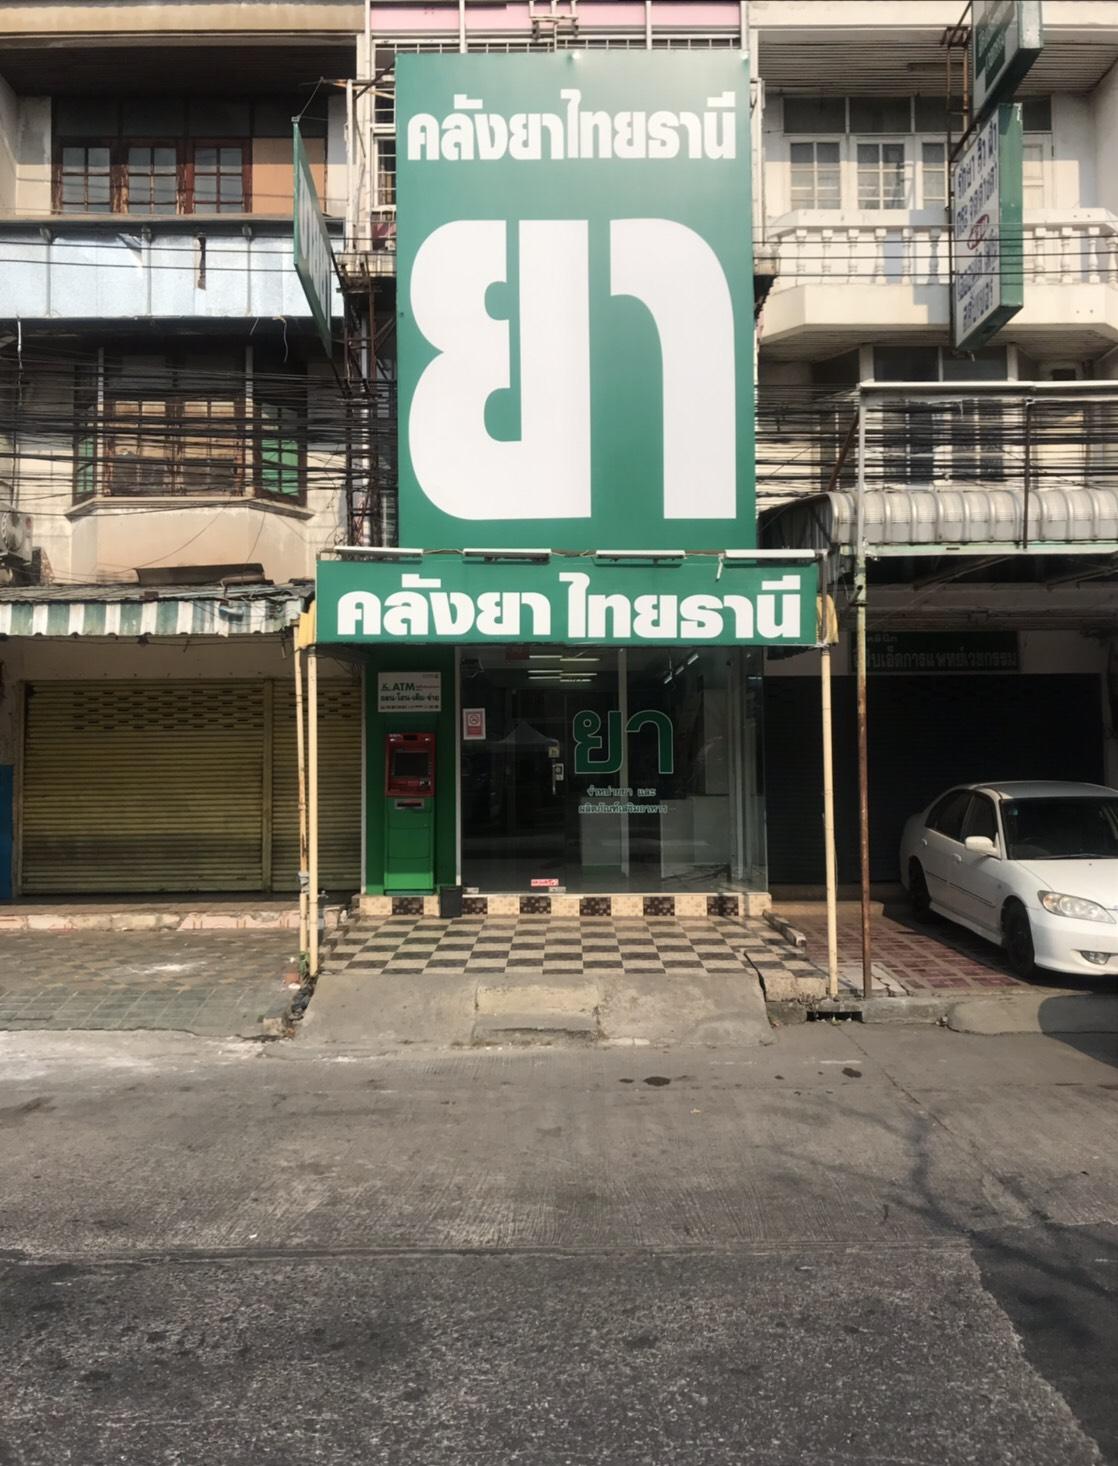 ภาพขายหรือให้เช่า อาคารพาณิชย์ เหมาะทำออฟฟิศ สำนักงาน ทำกิจการค้าขายได้ ทำเลดี โทร 0619787825